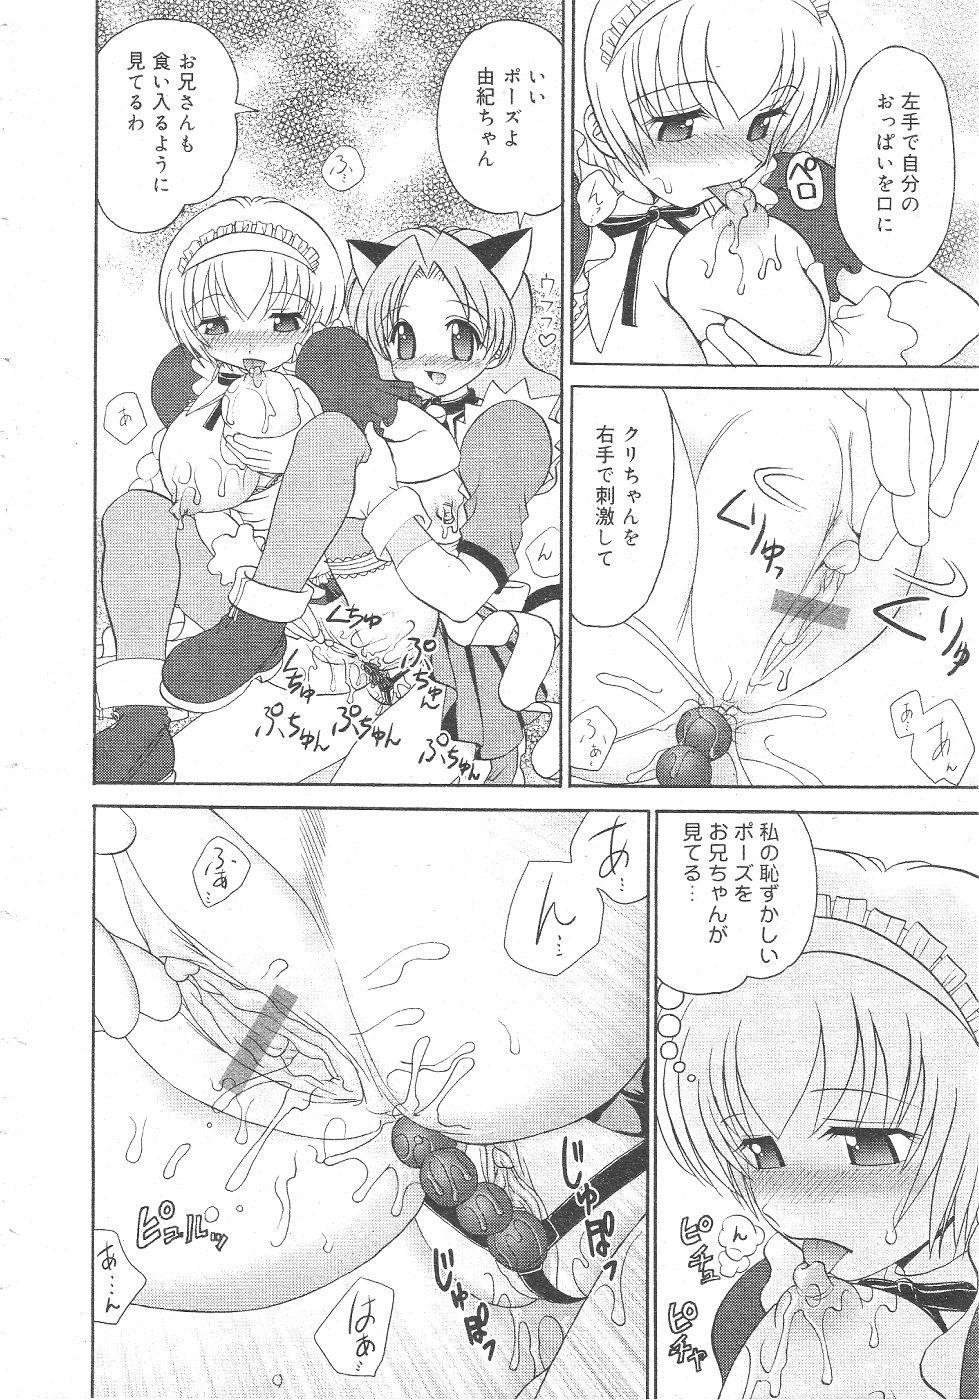 Gekkan Comic Muga 2004-06 Vol.10 61